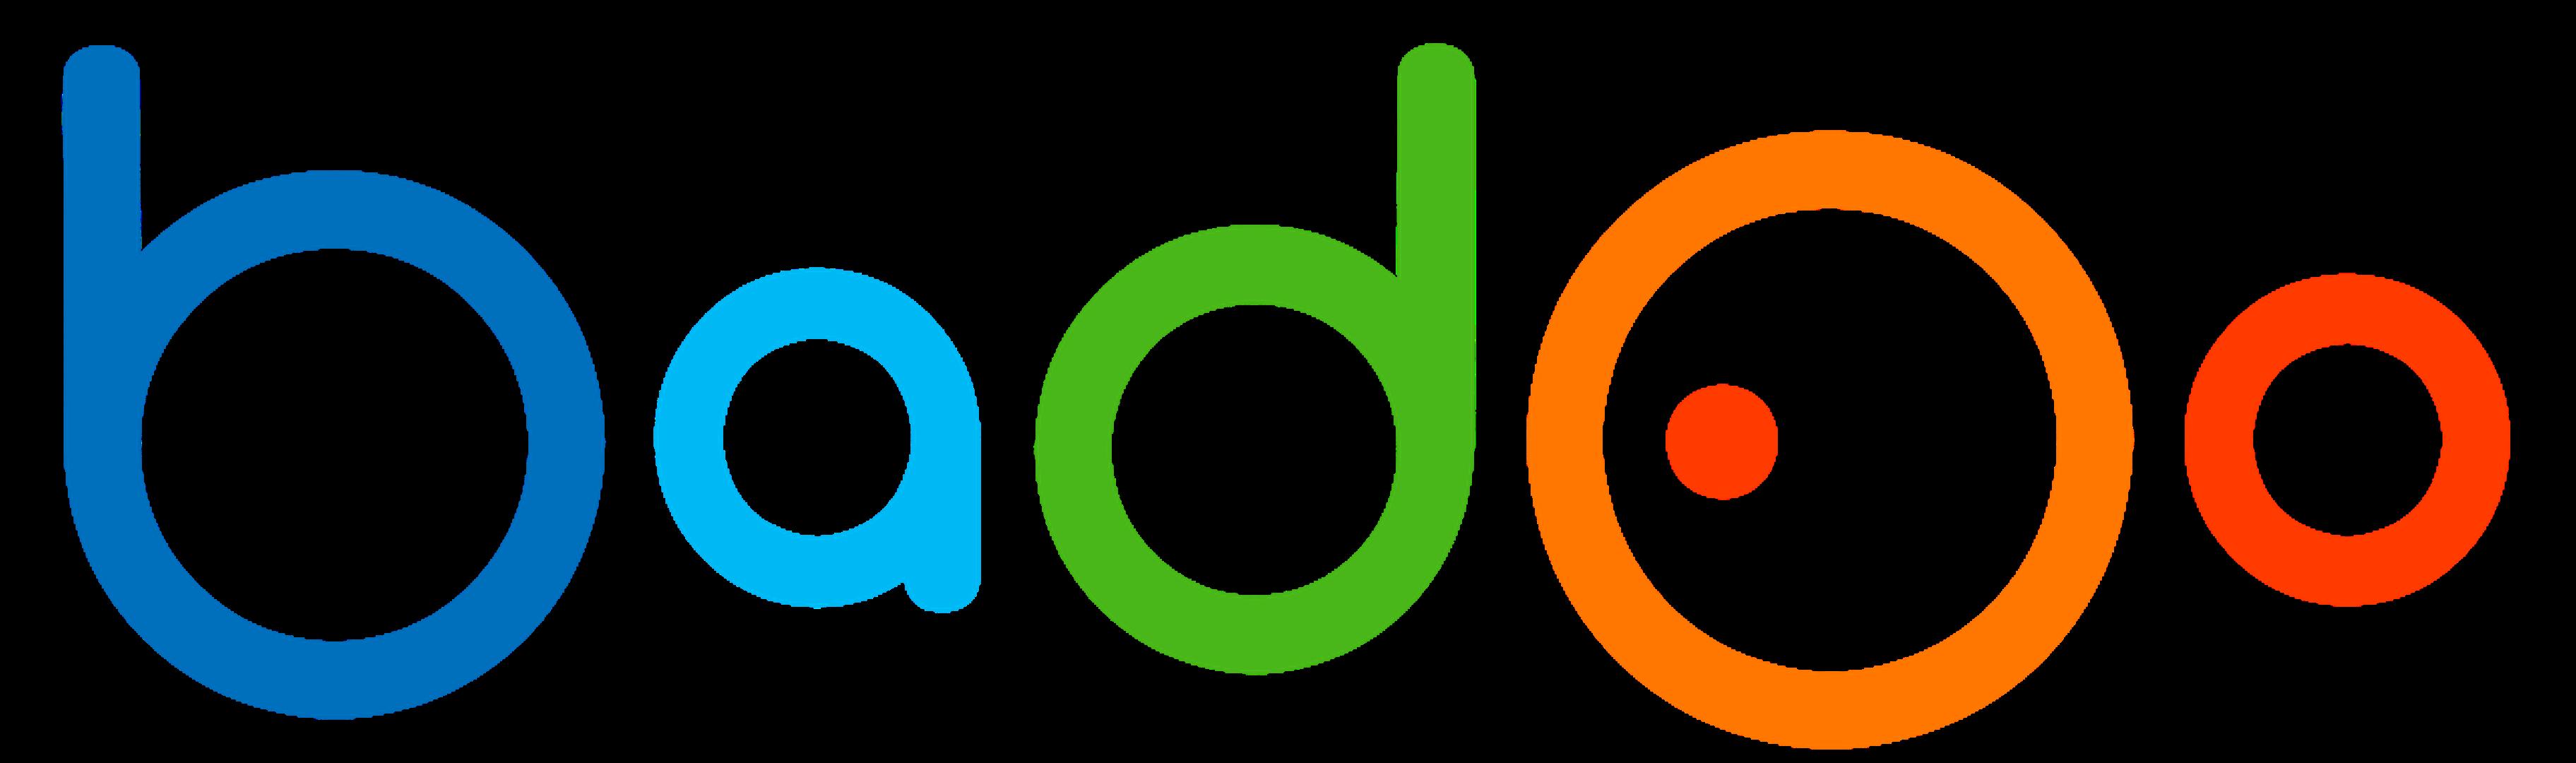 Marc badoo